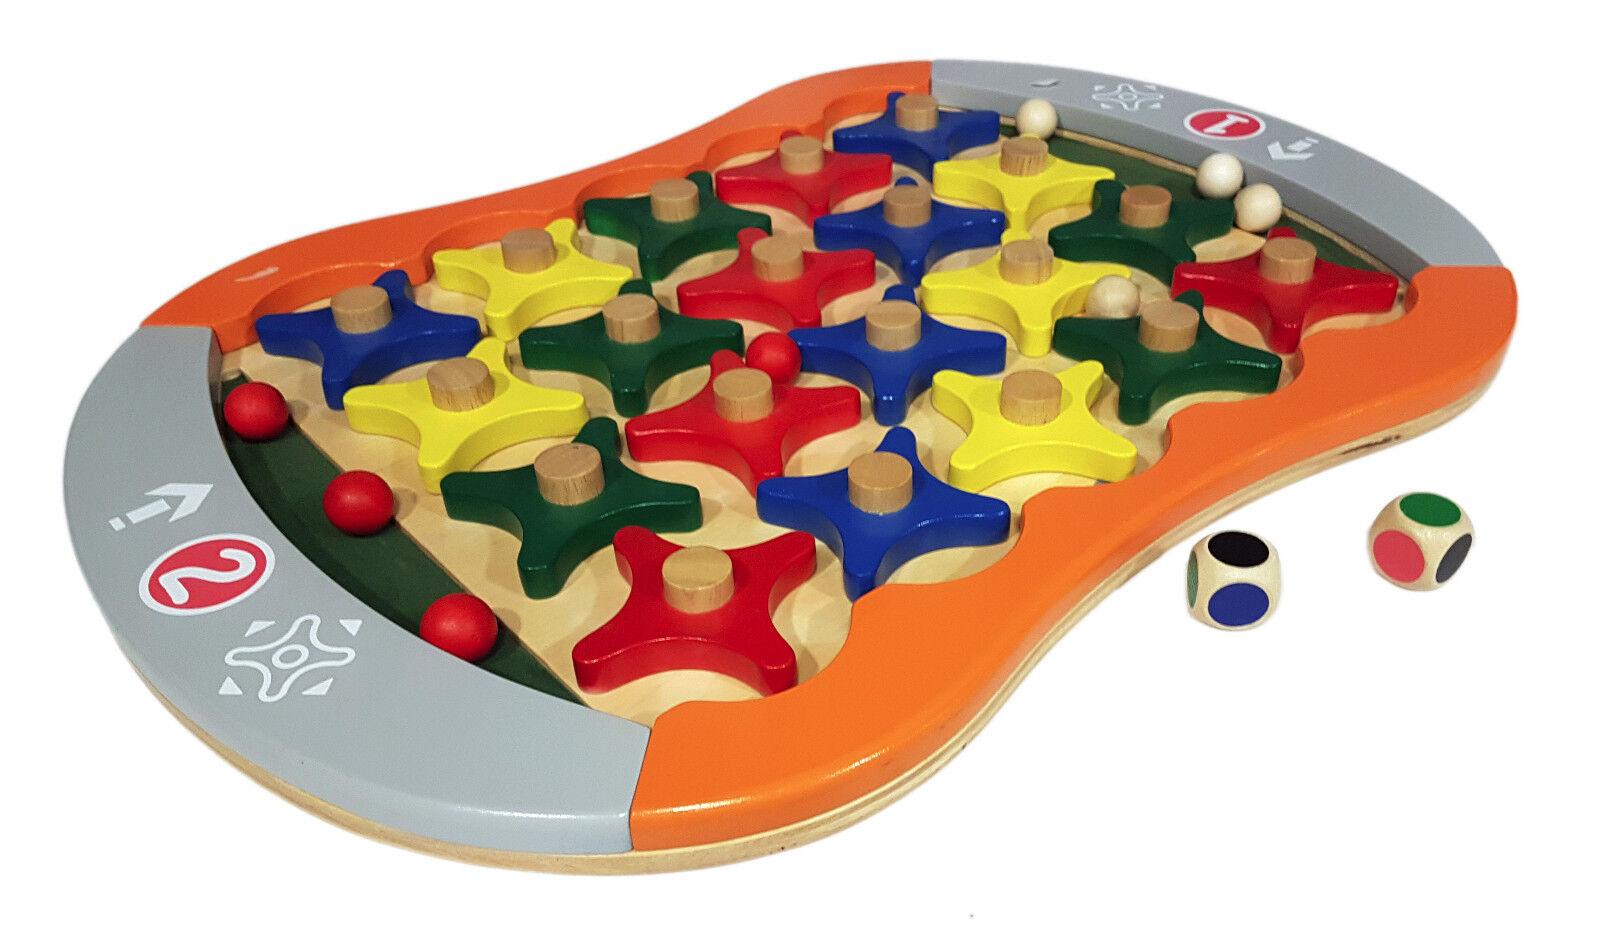 Balle Twister Nouveau Jeu de stratégie pour pour pour 2 e6914b